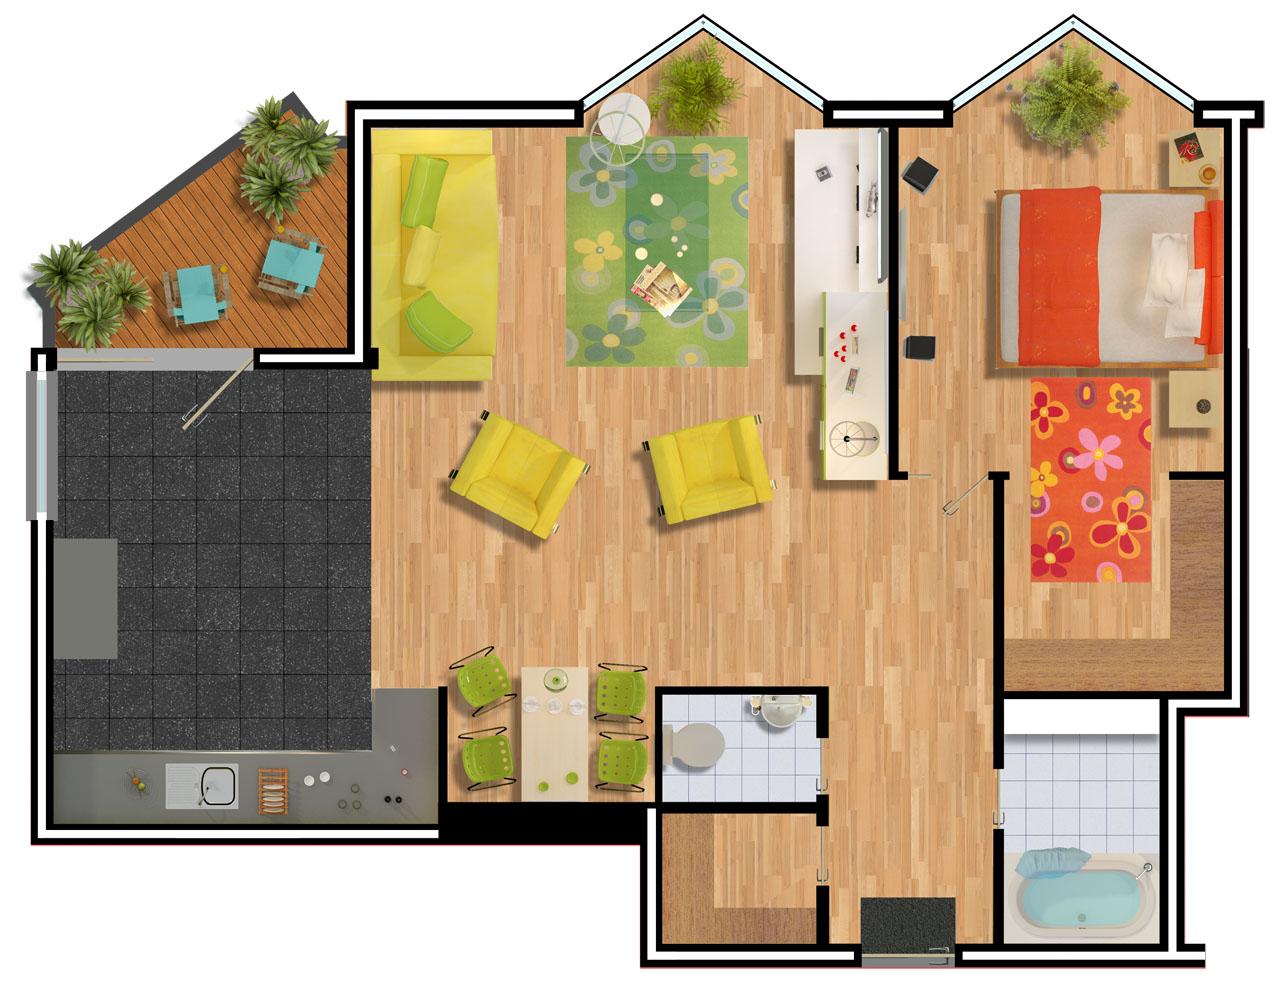 Resolutie dit is een voorbeeld van 2d plattegrond van een appartement